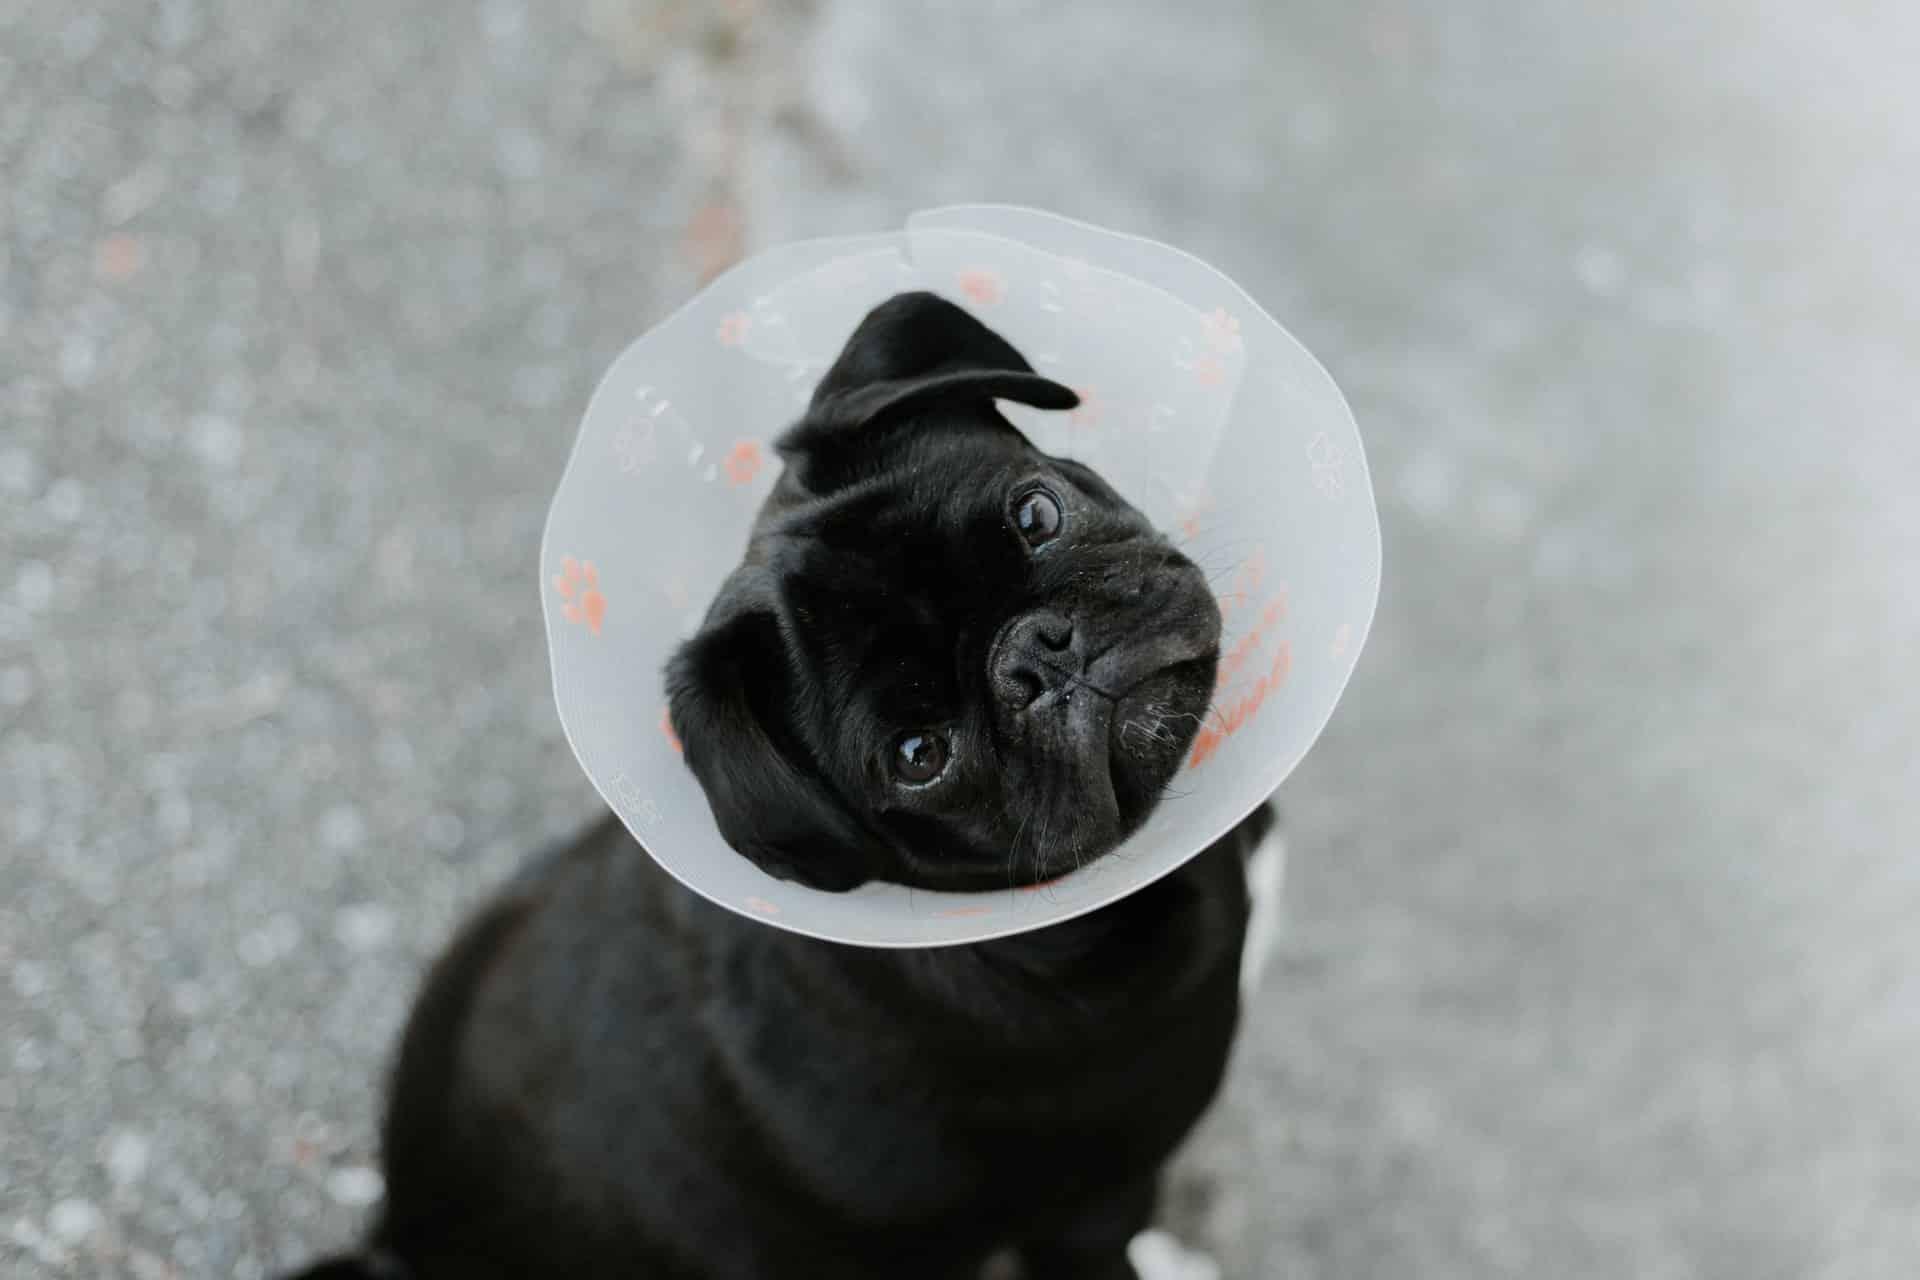 pets face swollen - conclusion